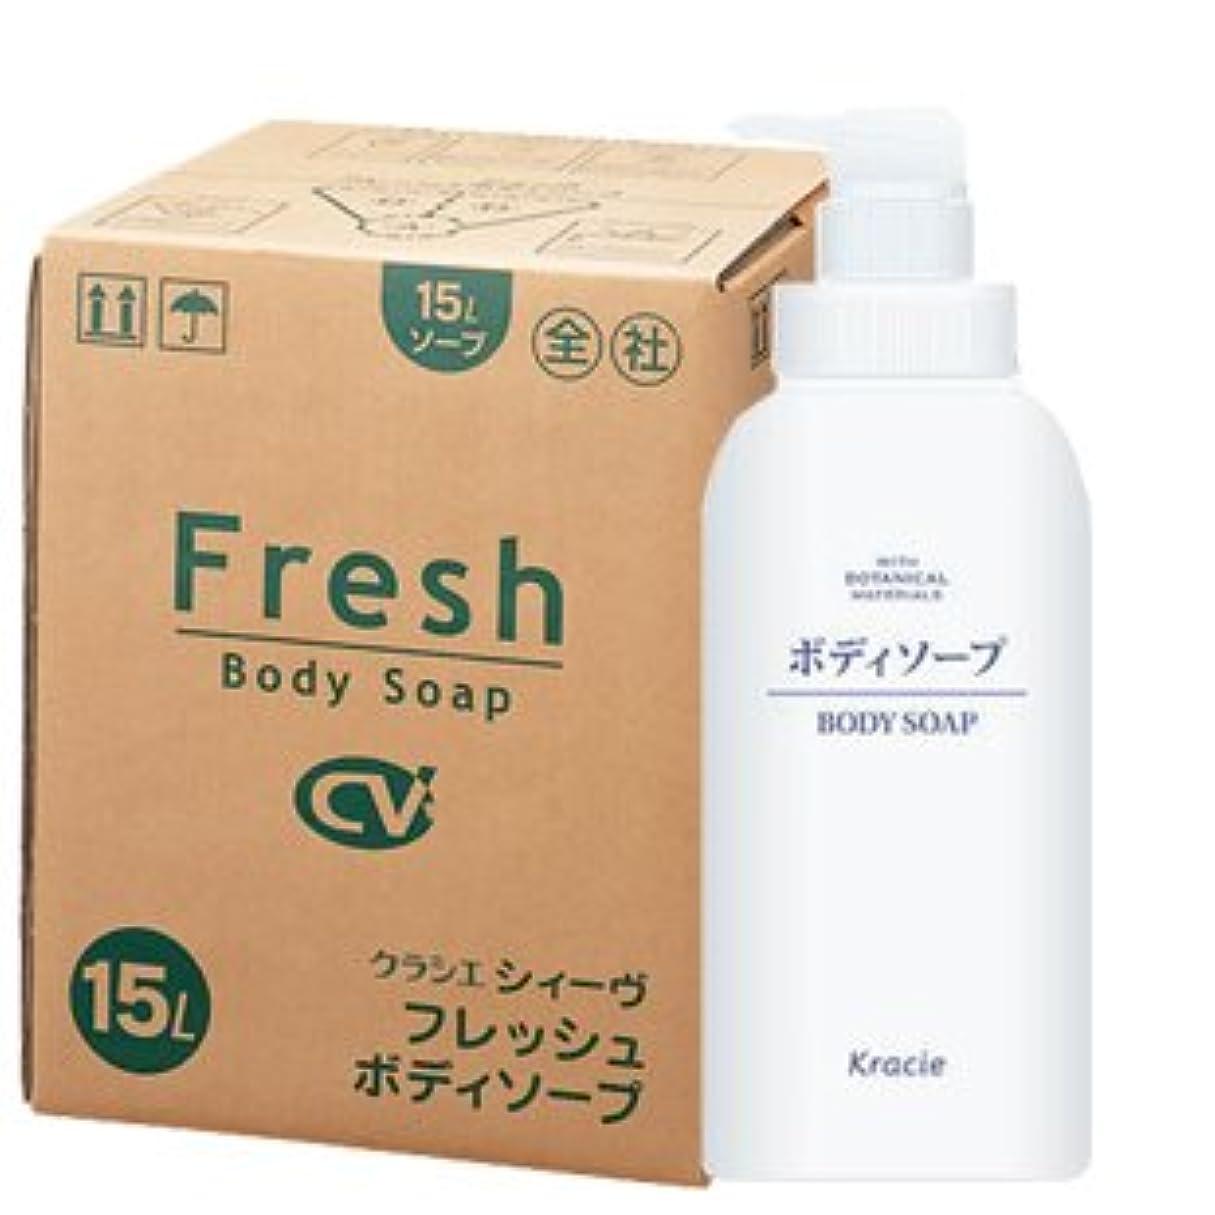 吸収するいたずらなアイザックkracie(クラシエ) CV シィーヴ フレッシュシリーズ フレッシュボディソープ アロエエキス配合 グリーンフローラルの香り 15L 業務用 家庭様向け 容器3本